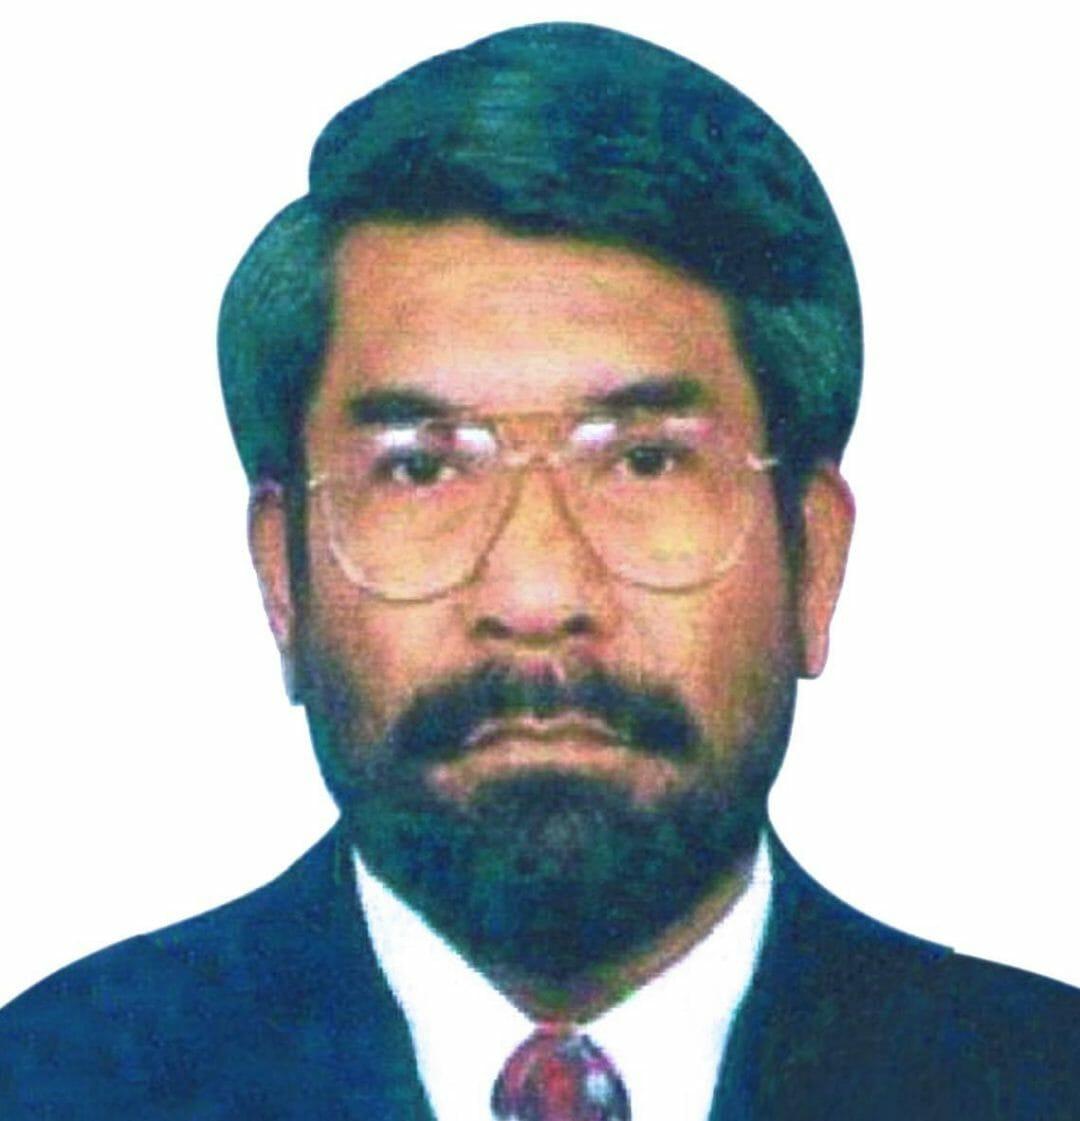 Hashim Ahmad